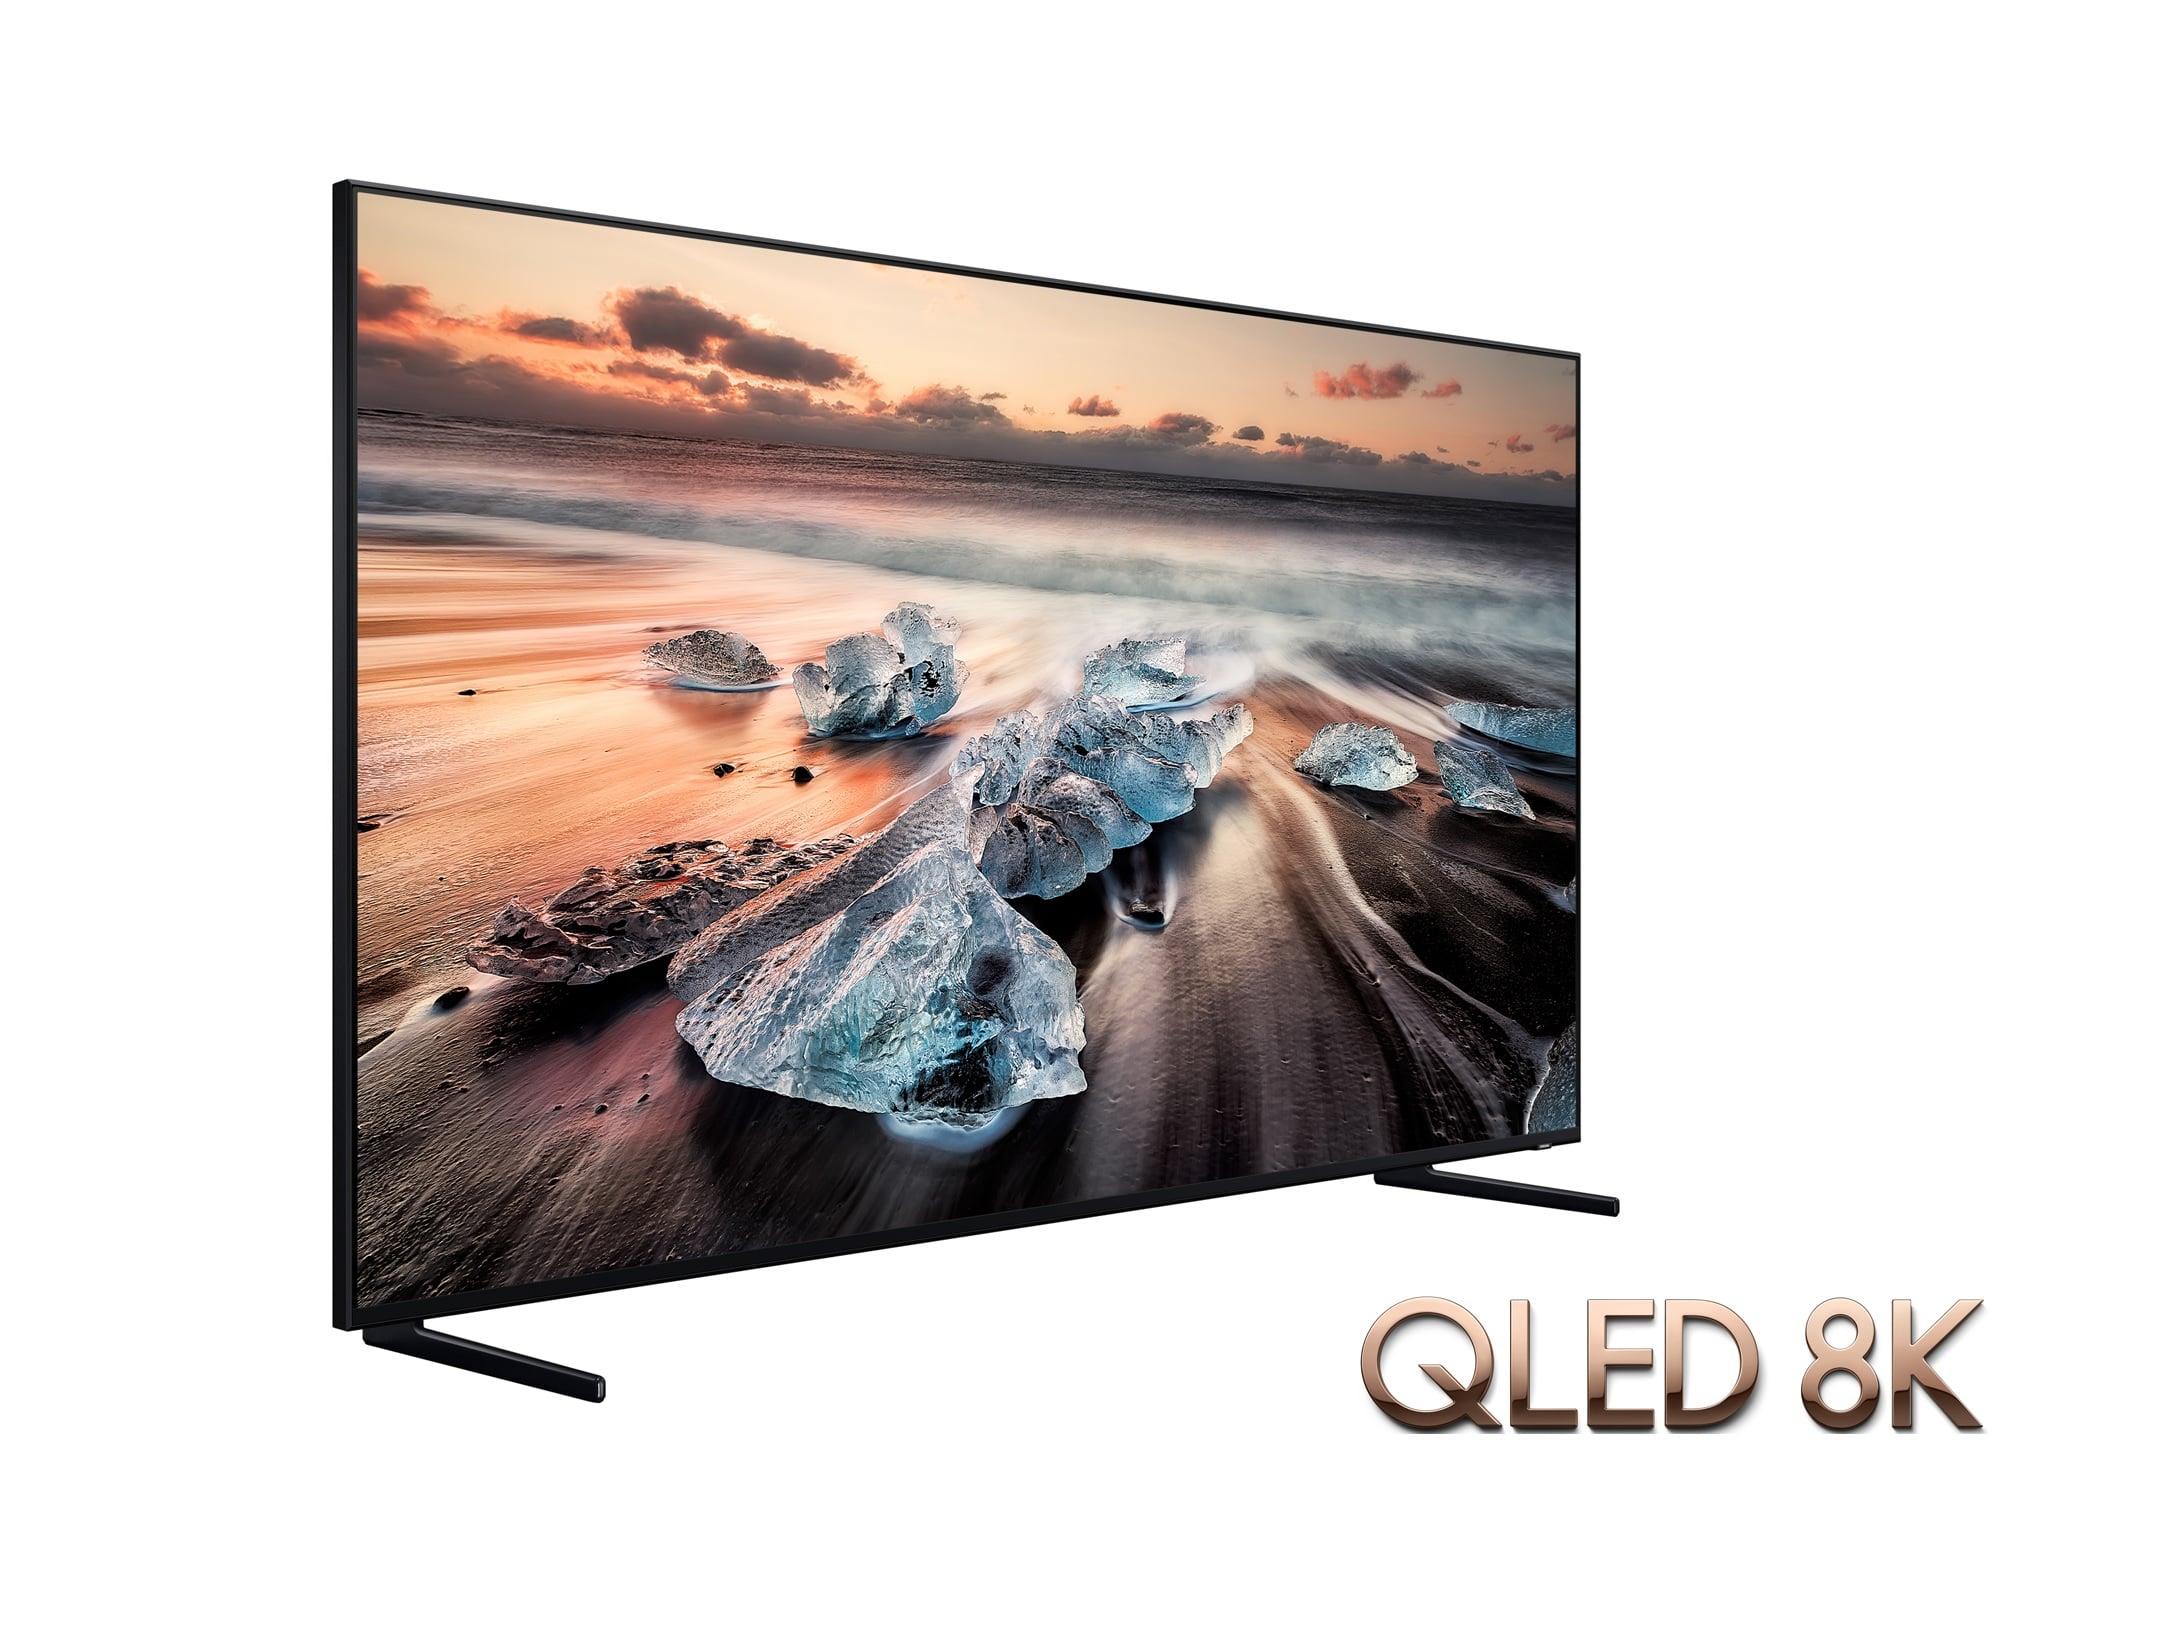 Samsung kończy z produkcją telewizorów LCD? [AKTUALIZACJA]